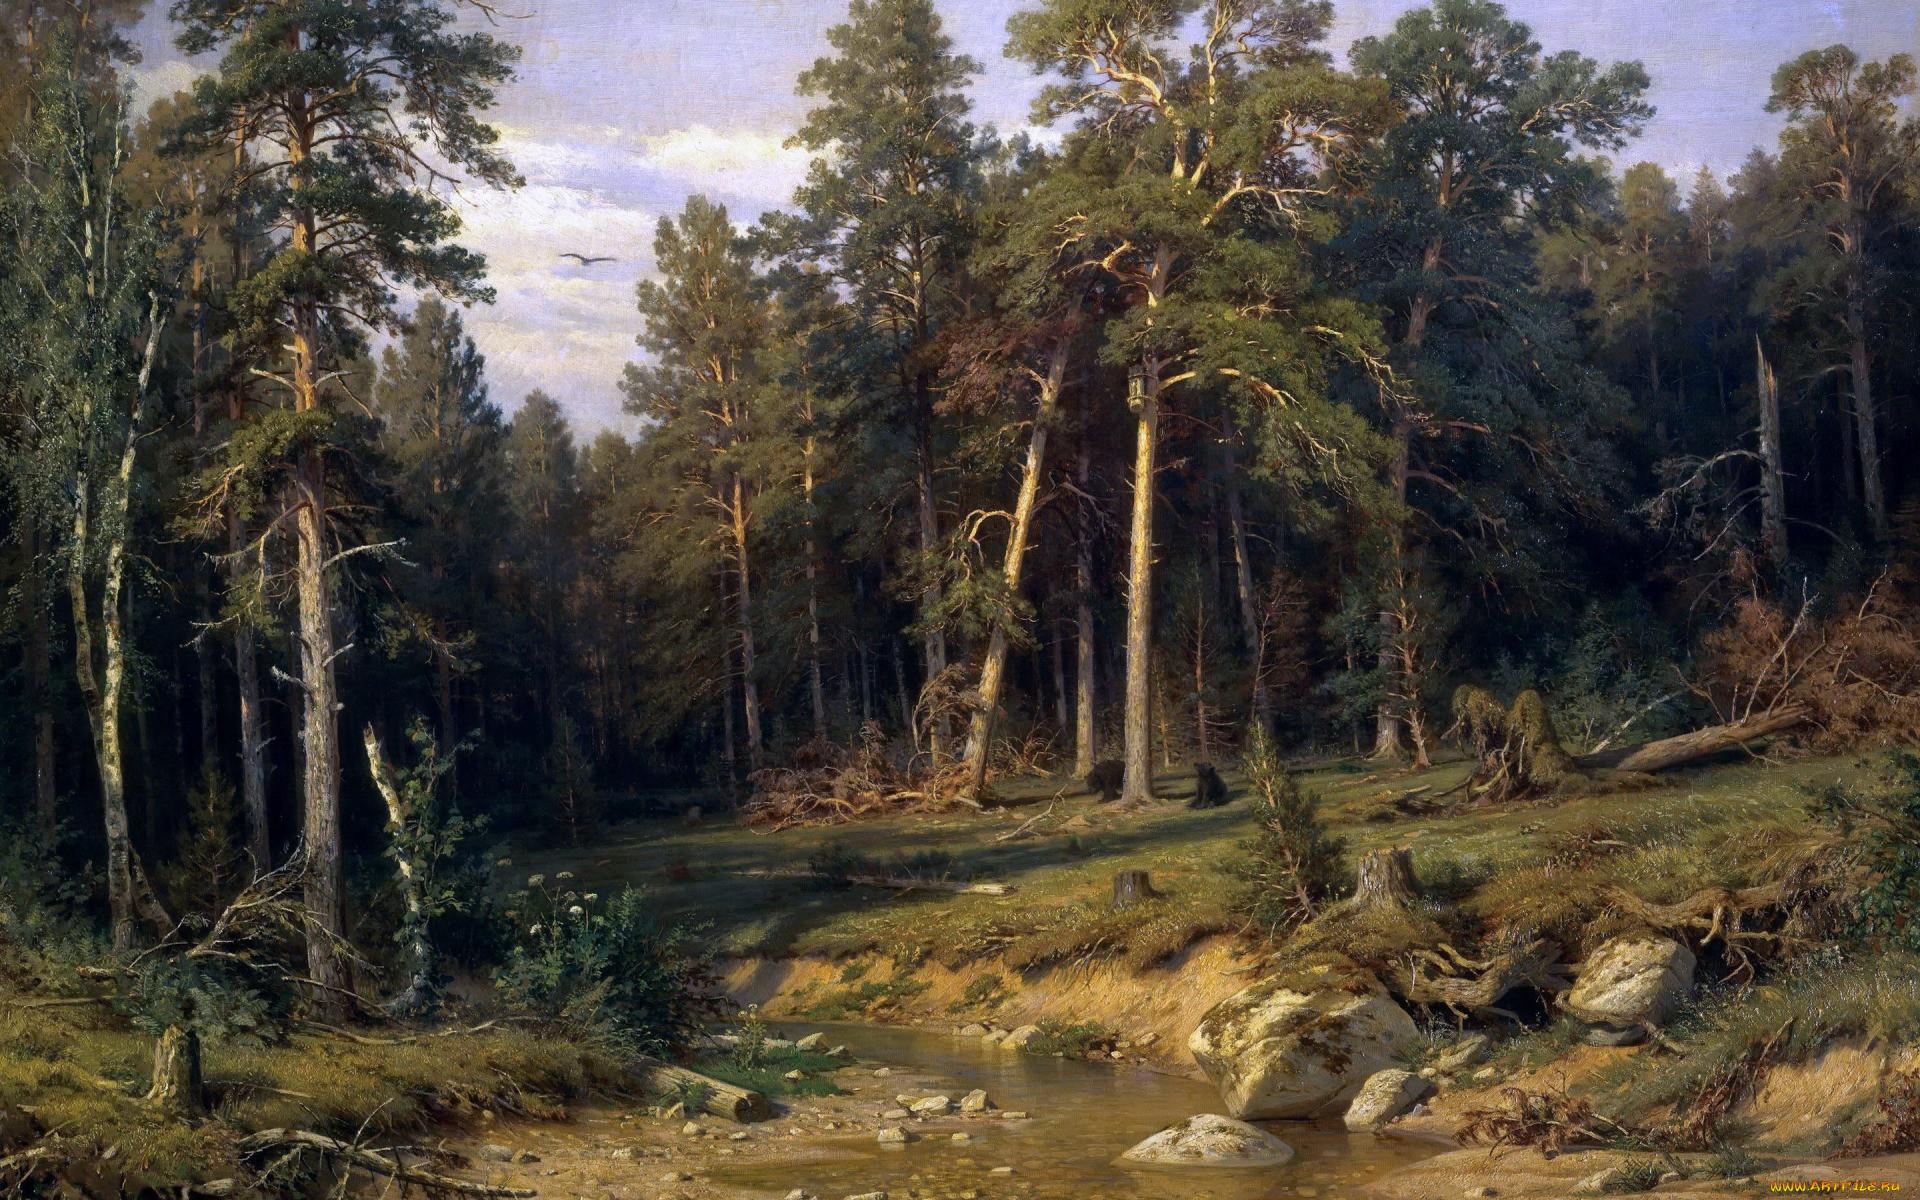 пейзаж картинки великих художников отличает крымскую